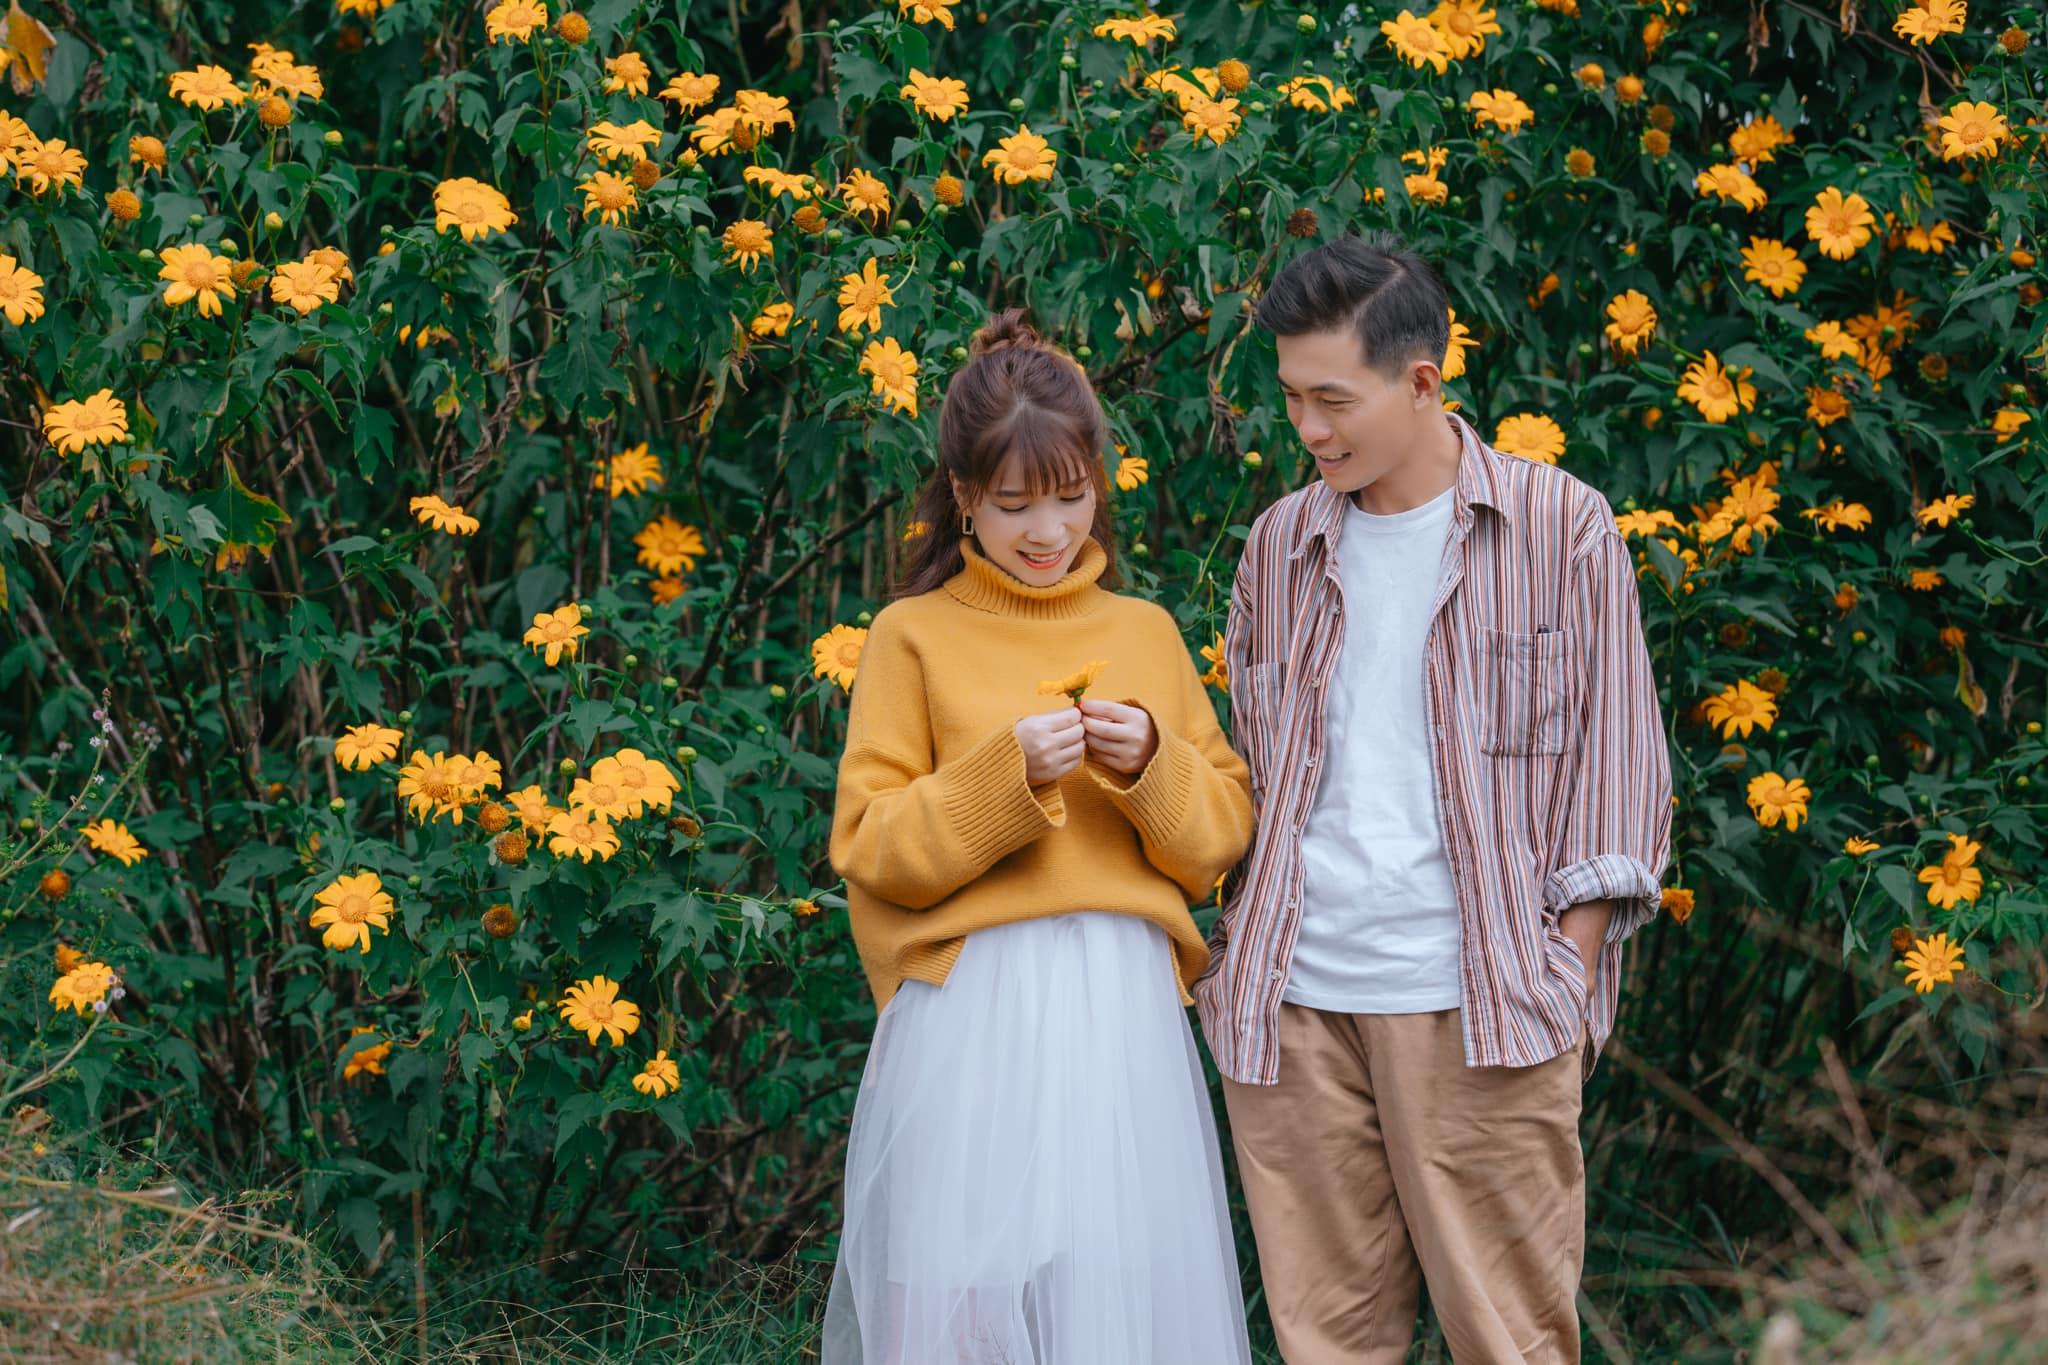 Ngắm Đà Lạt mùa hoa dã quỳ qua bộ ảnh lãng mạn của cặp đôi trẻ - Ảnh 8.